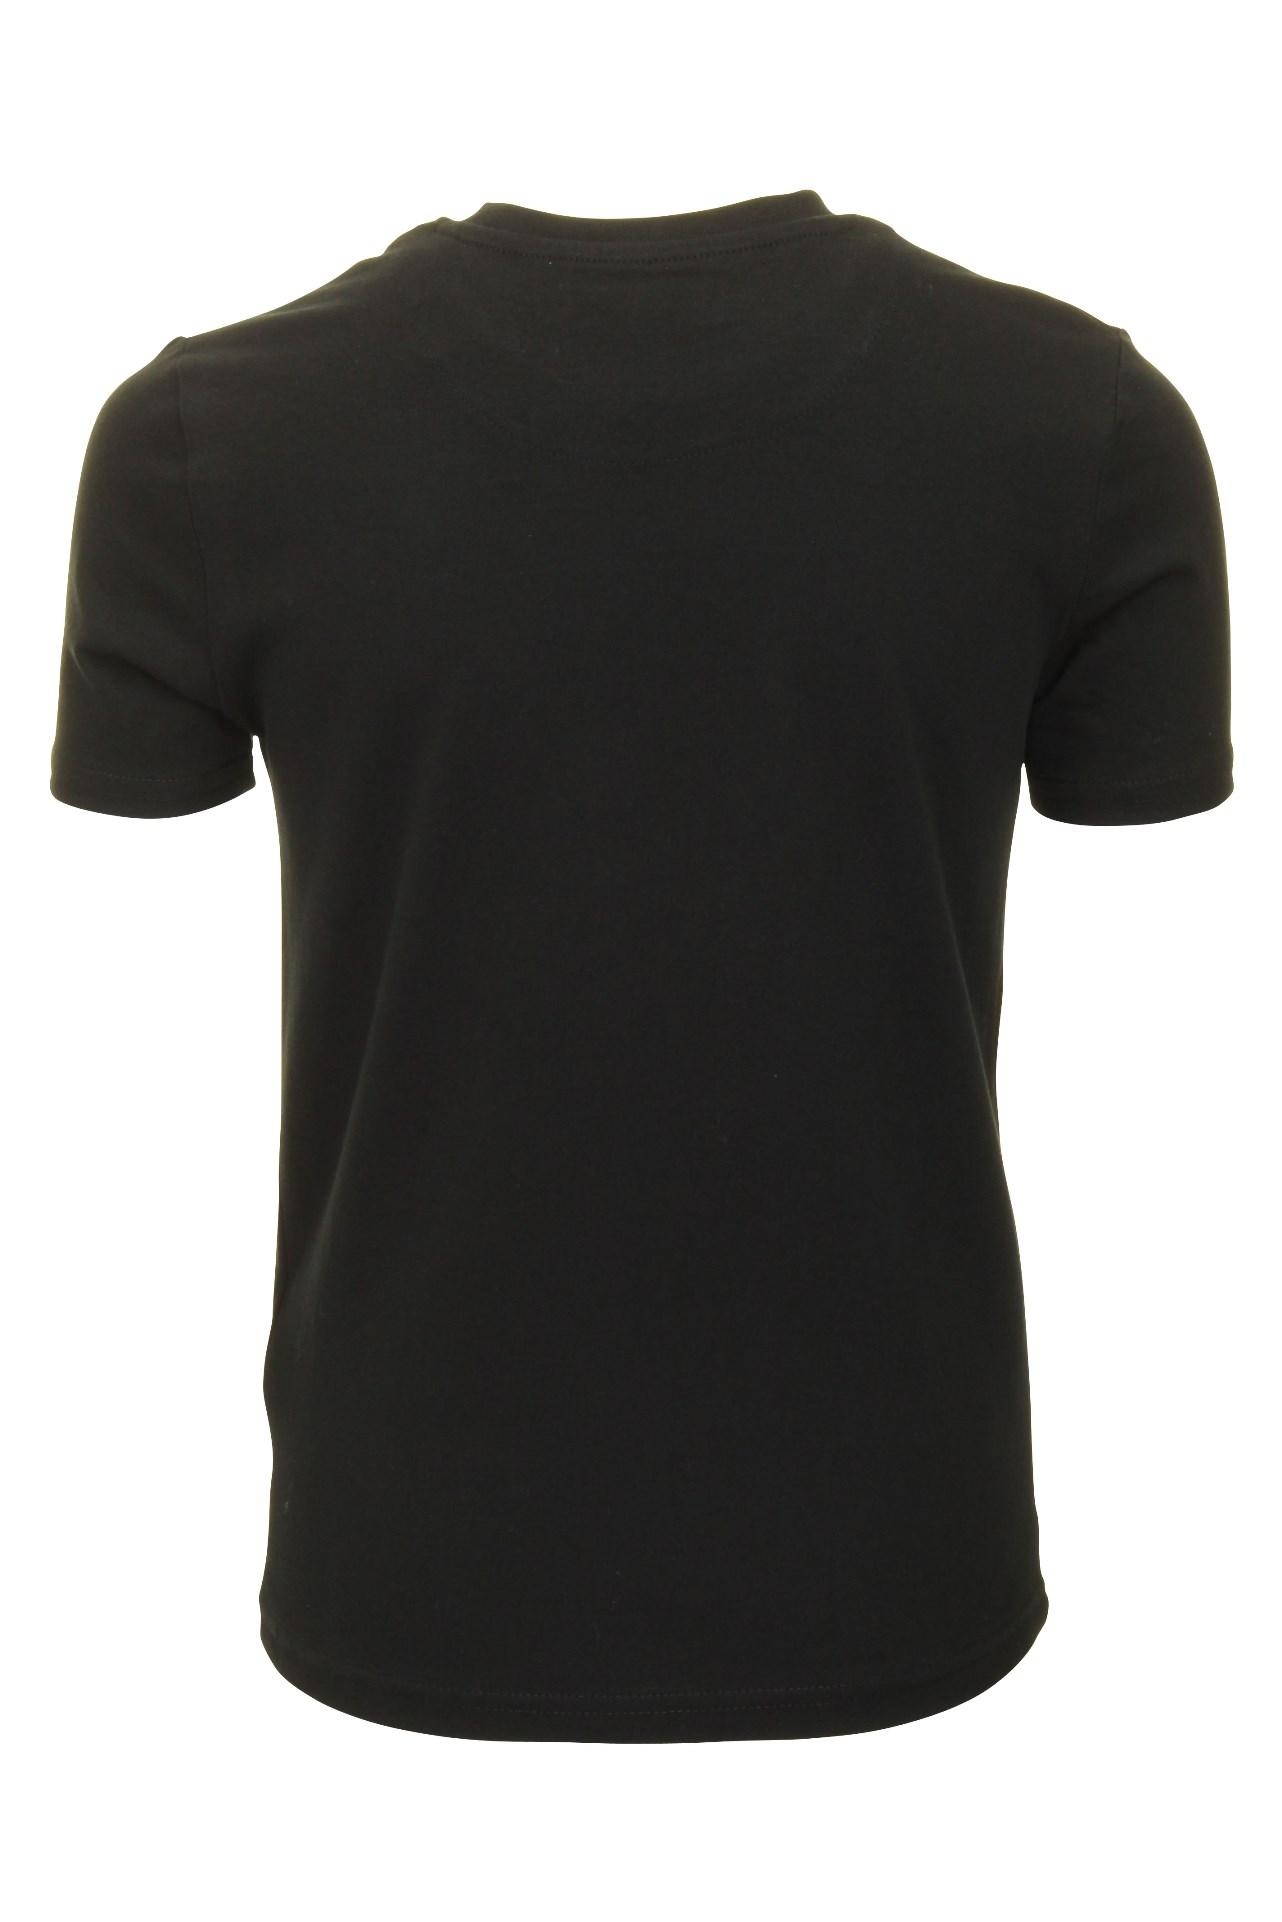 Ben Sherman Boys Target T-Shirt